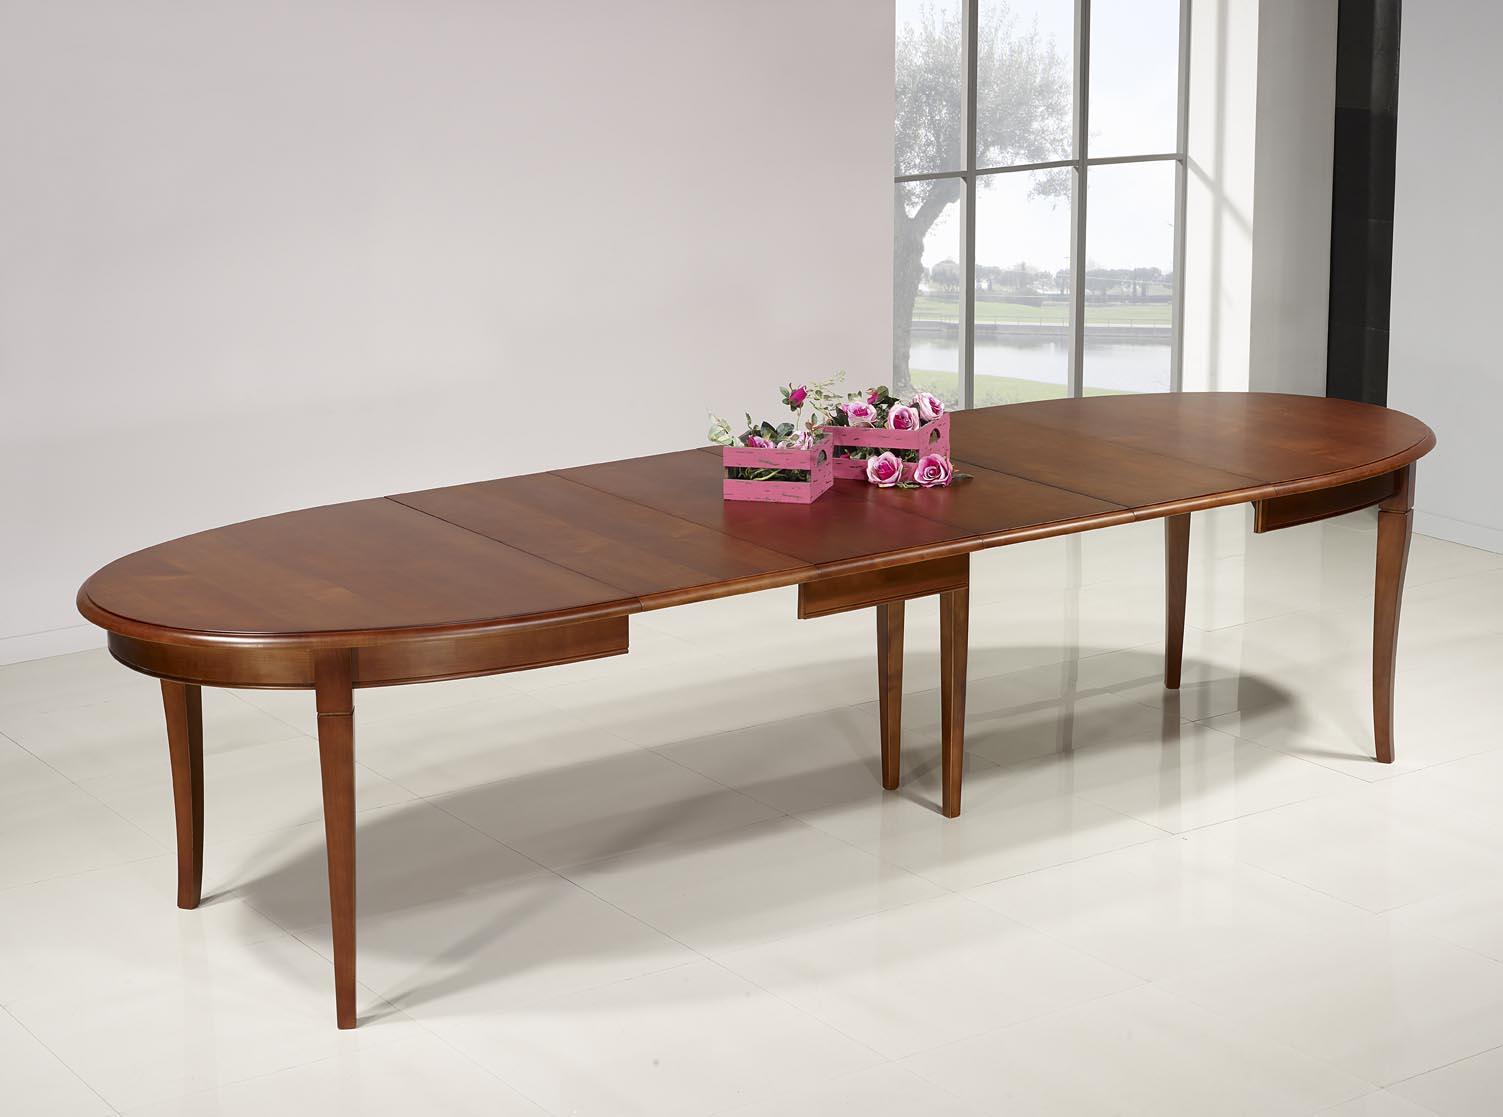 table ovale de salle manger estelle en merisier massif 170x110 de style louis philippe 4. Black Bedroom Furniture Sets. Home Design Ideas